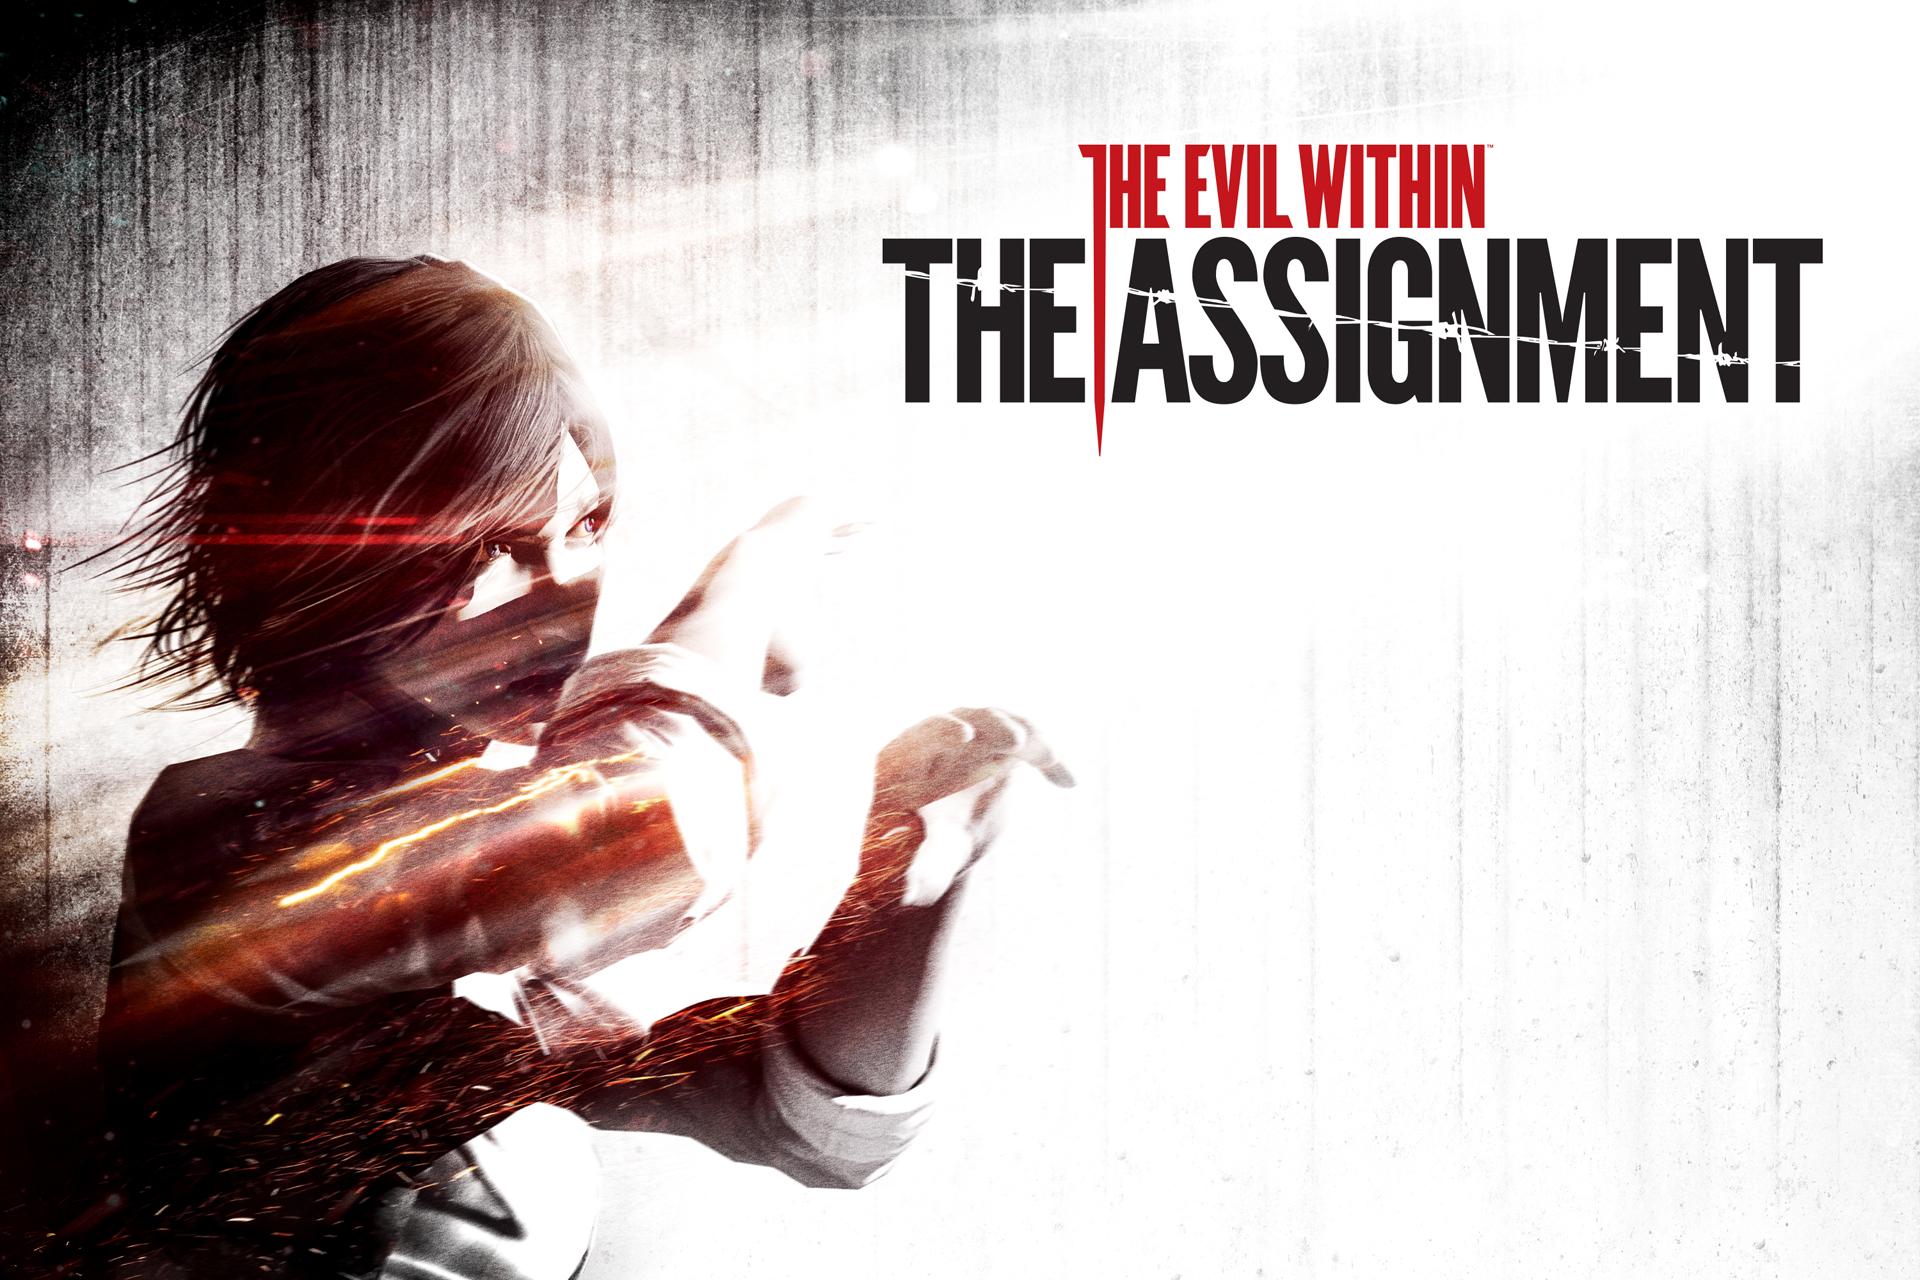 The Assignment, el 10 de marzo